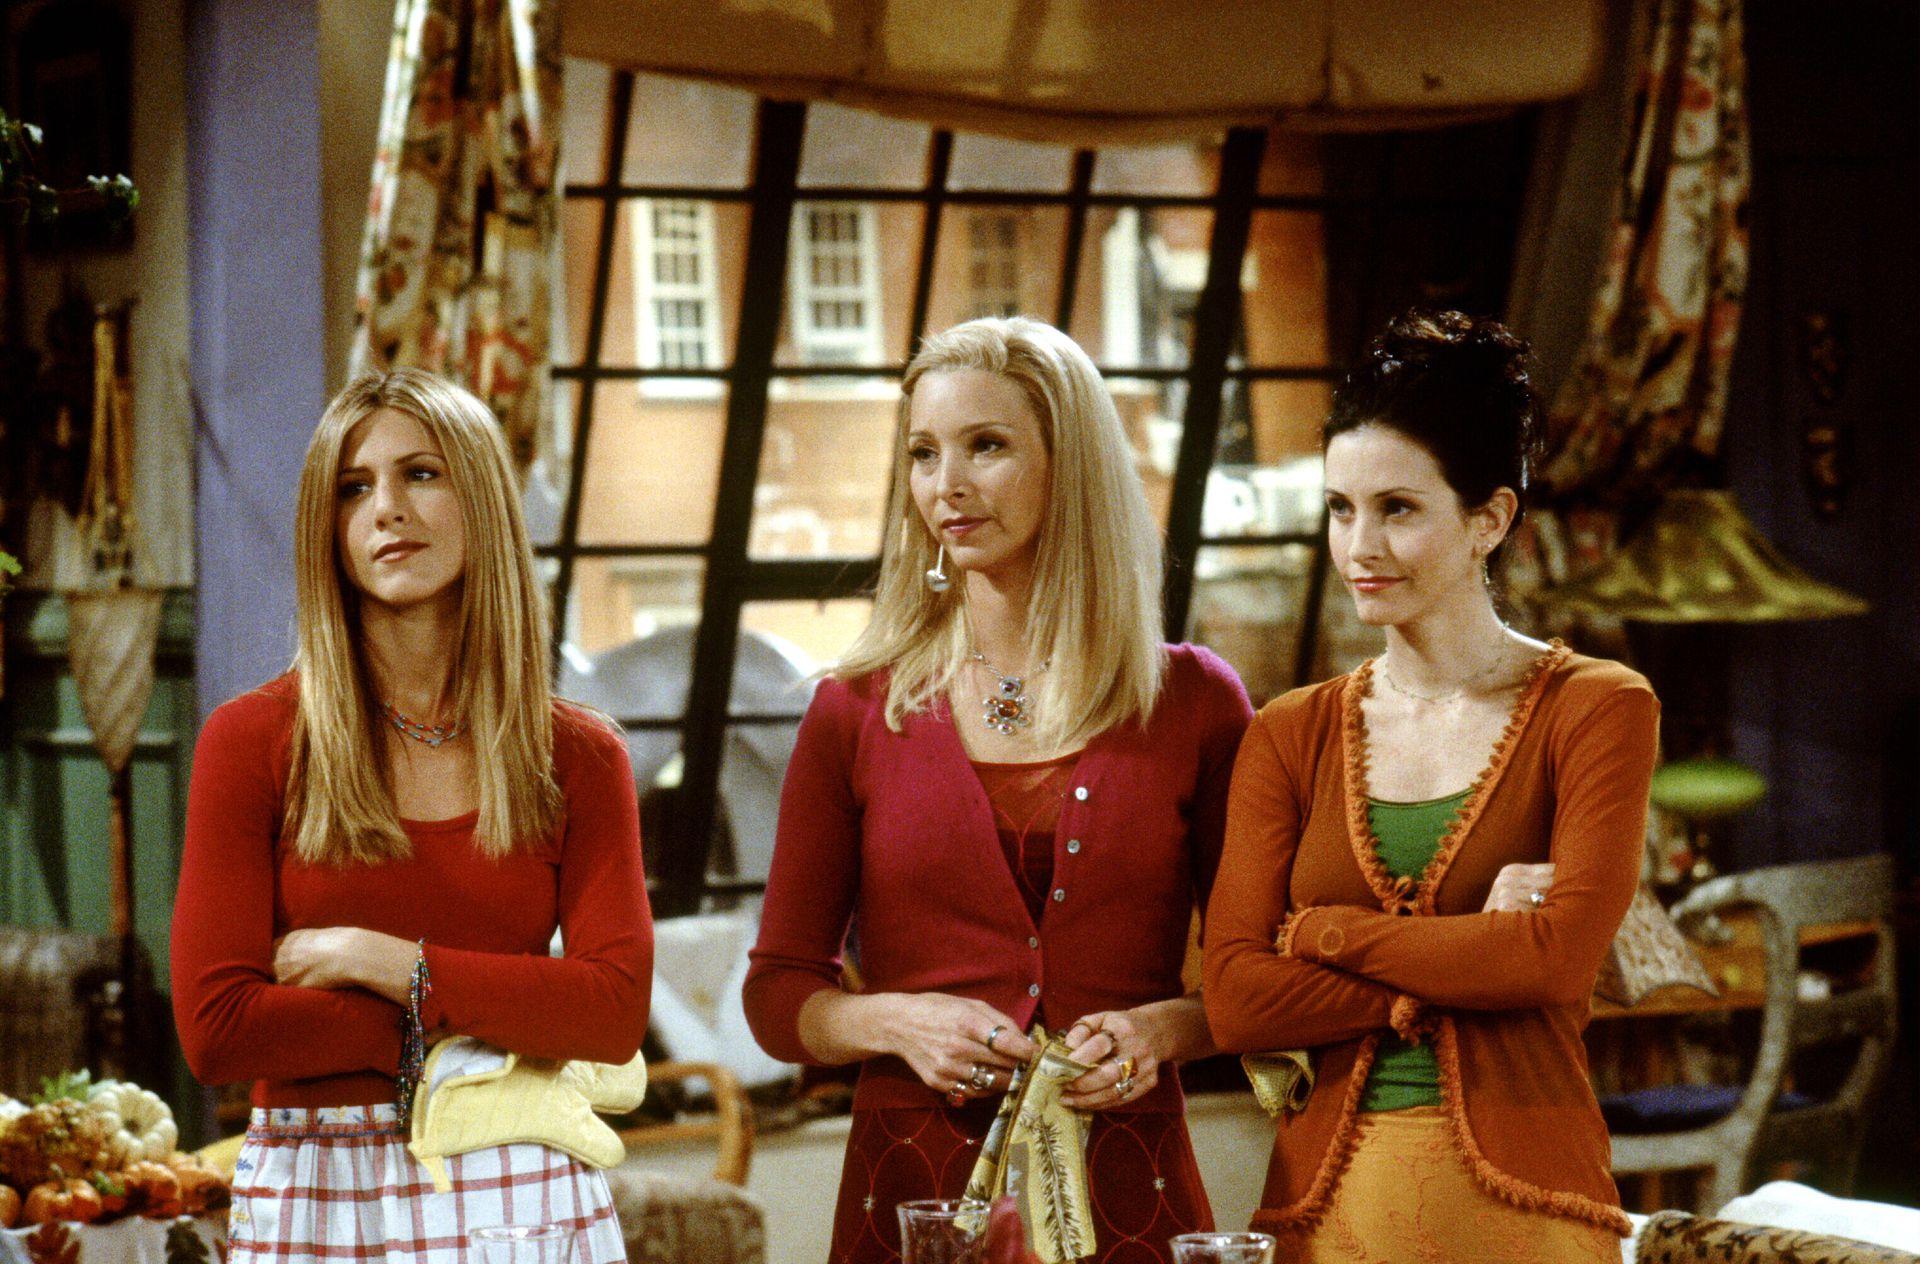 En 2002, Kudrow, Cox y Aniston se convirtieron en las actrices mejor pagadas de la historia de la TV hasta ese momento